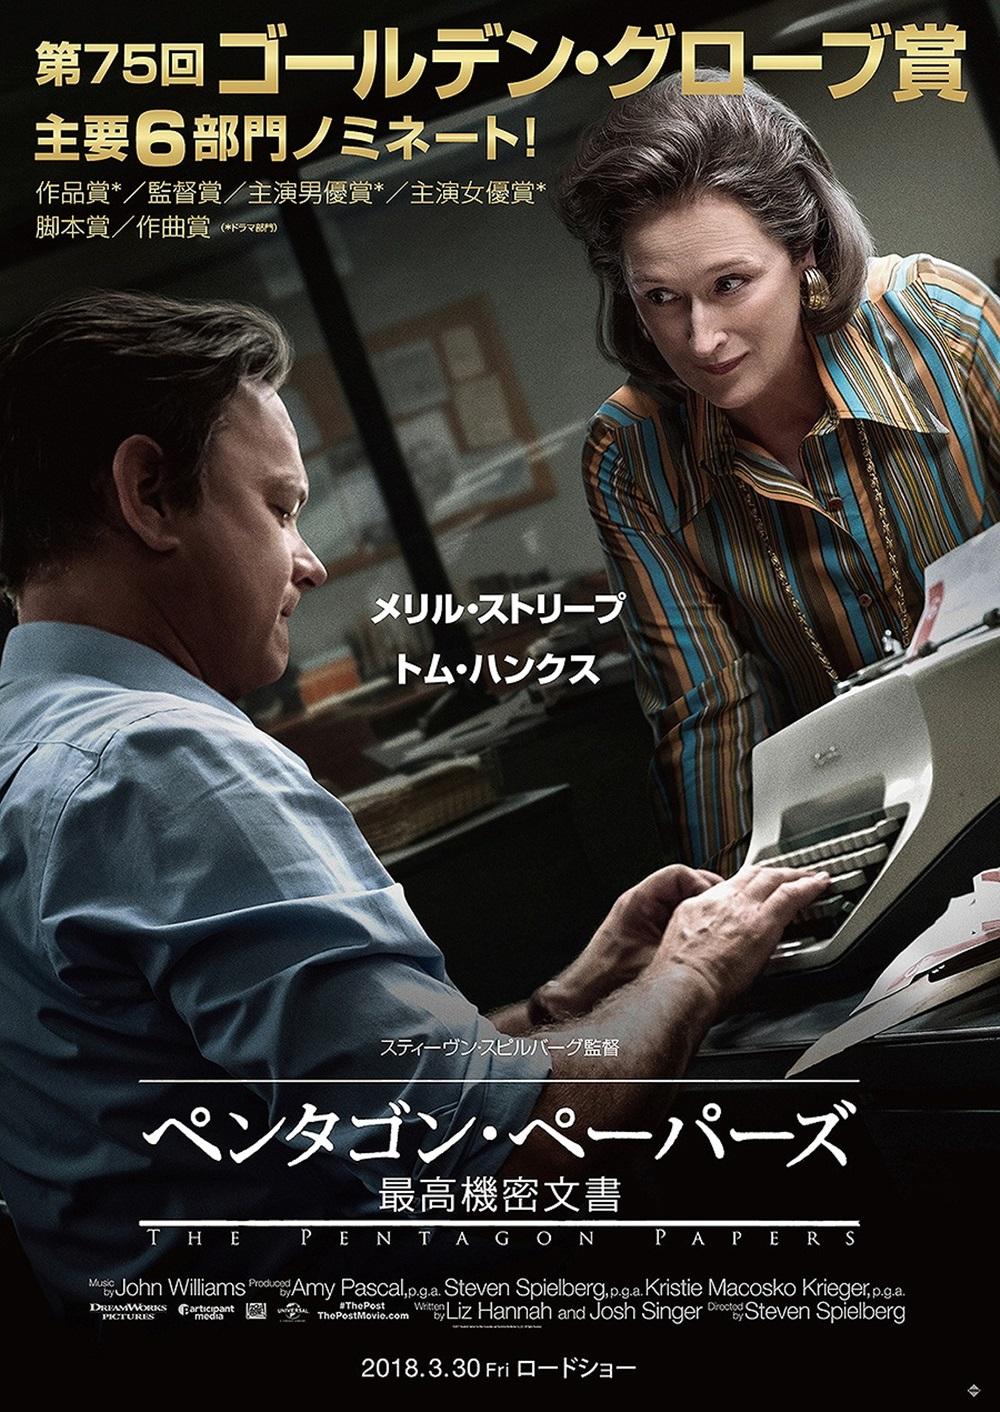 【画像】映画『ペンタゴン・ペーパーズ/最高機密文書』(The Post) ポスタービジュアル